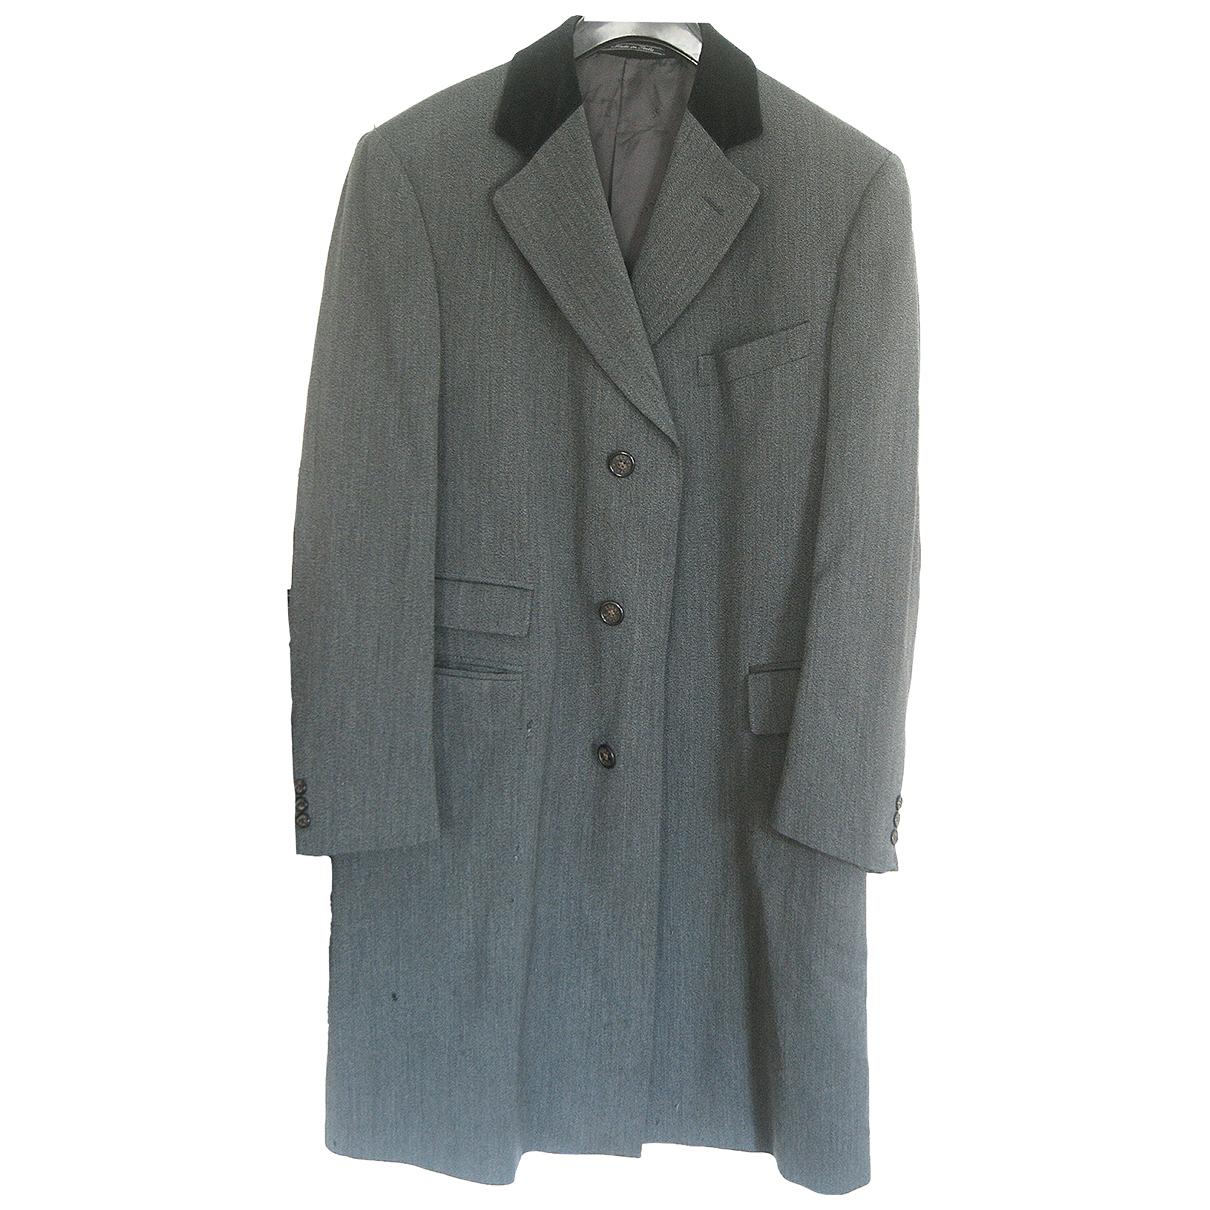 Gucci - Manteau   pour homme en laine - gris